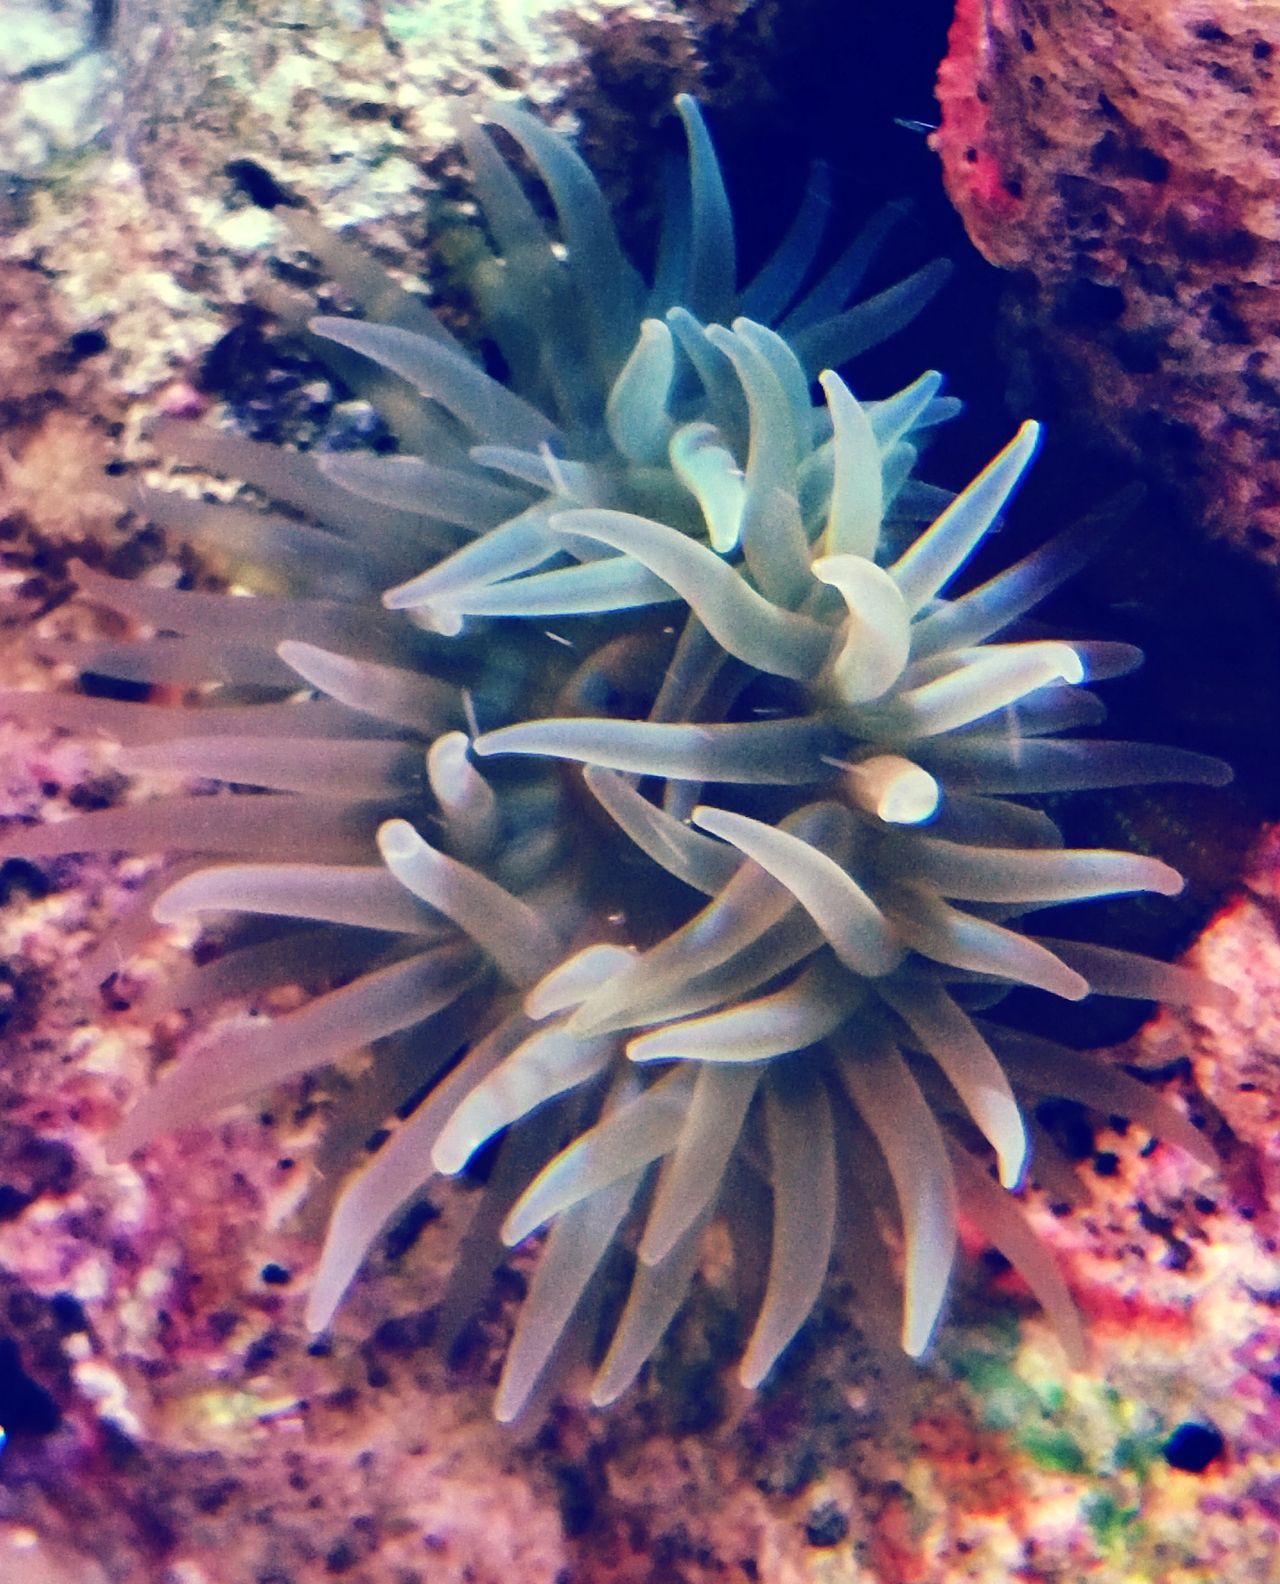 Anenome Sea Life Underwater UnderSea Sea Water Nature Anenomes Ecosystem  Close-up Coral Sealife Marine Marine Life Sea